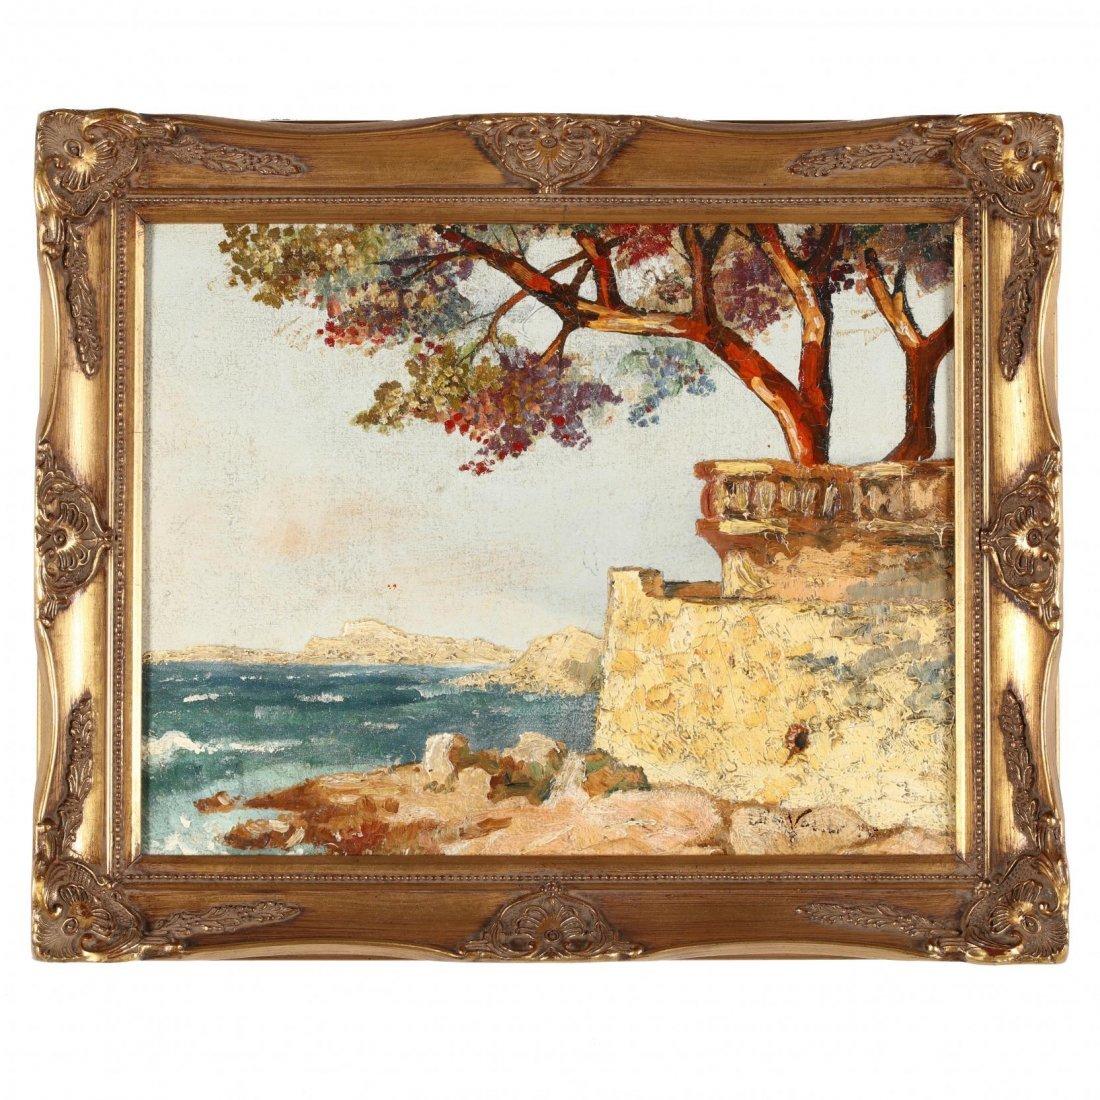 Elihu Vedder (NY/Italy, 1836-1923), Italian Coast